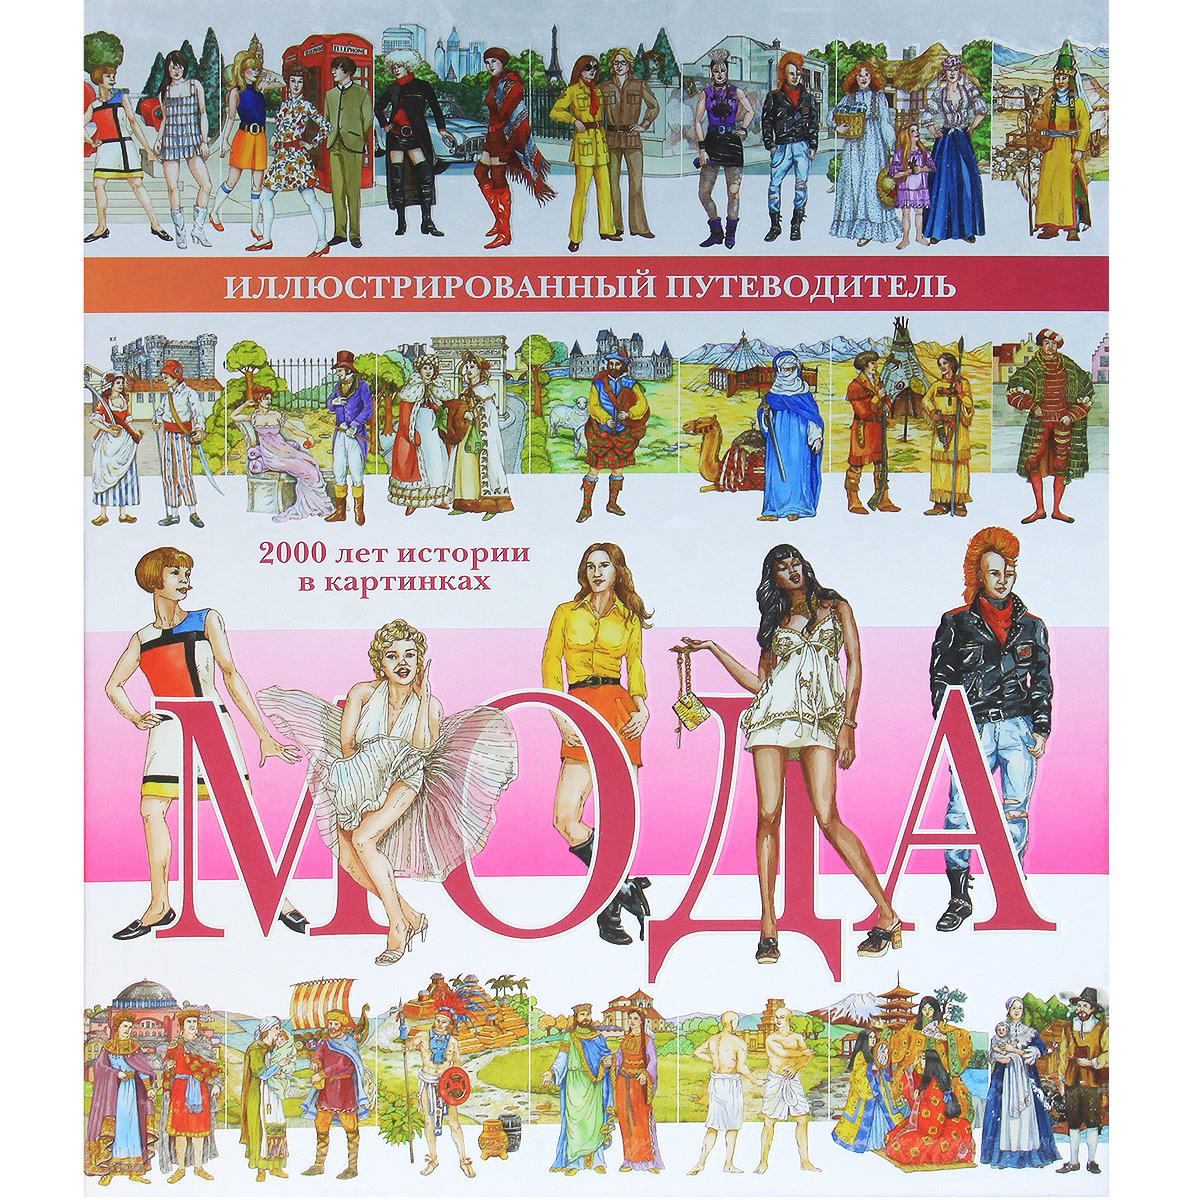 Мода. 2000 лет истории в картинках. Иллюстрированный путеводитель ( 978-5-271-42296-6 )